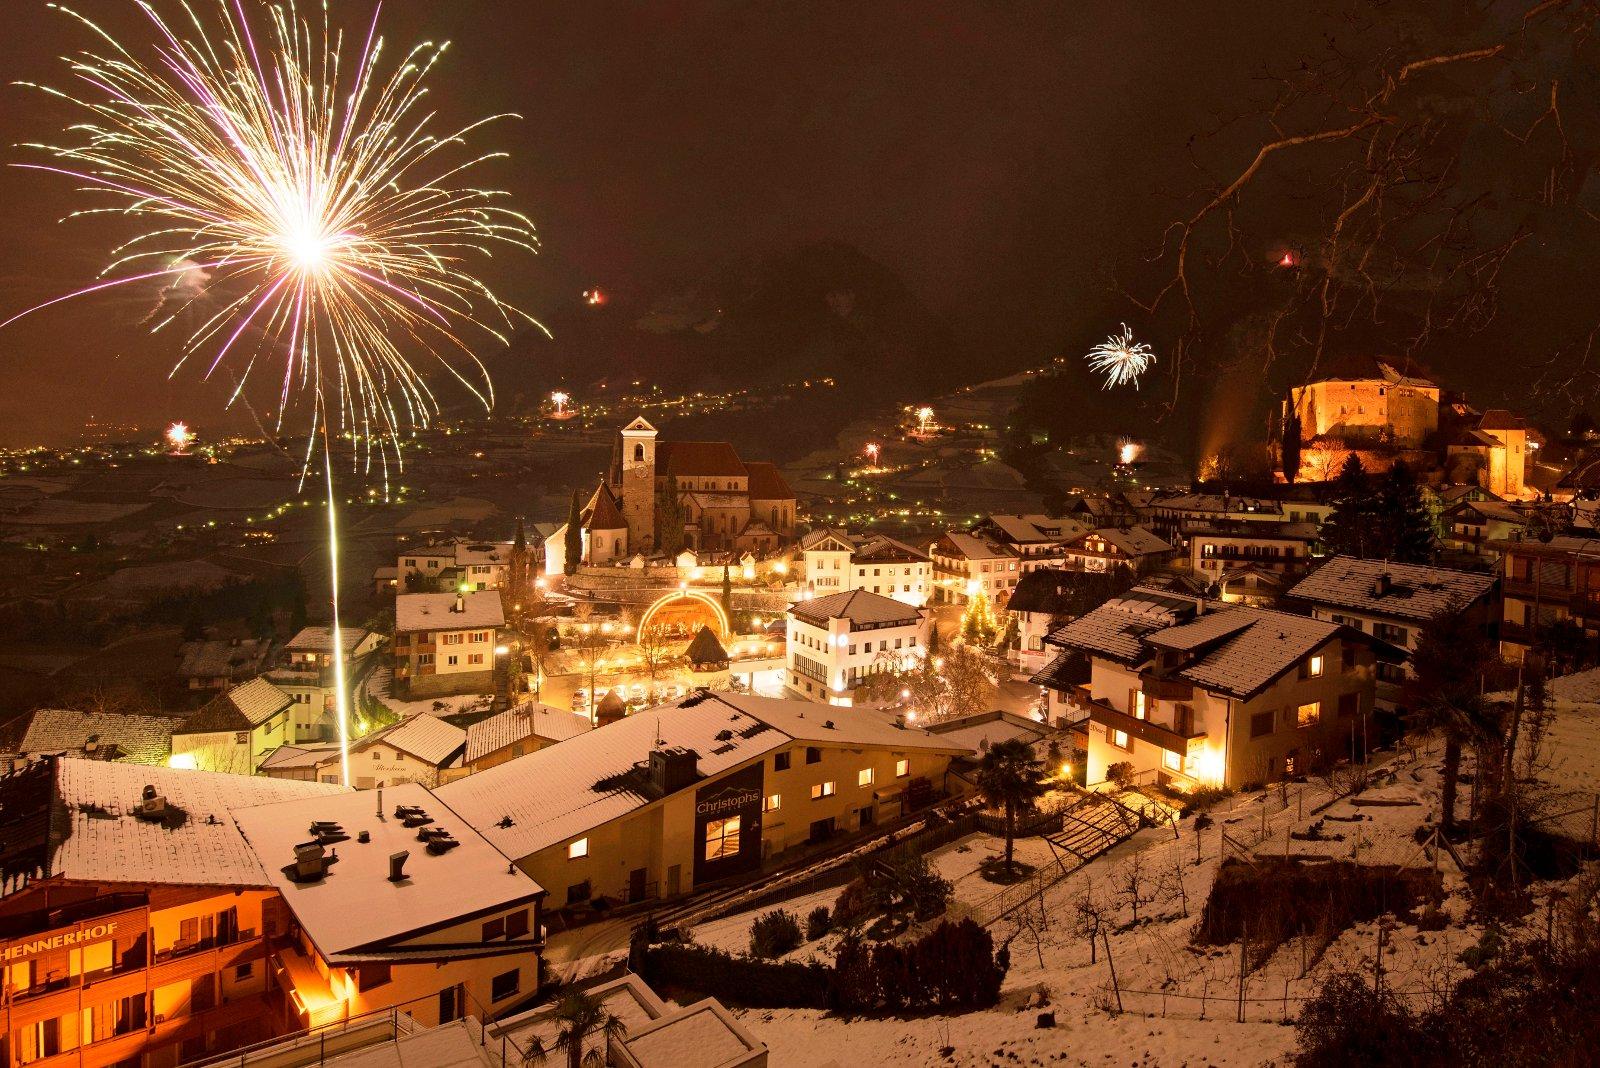 Die meisten Hotels und Restaurants in Schenna halten attraktive Silvester-Packages bereit. Bildnachweis: Tourismusverein Schenna/Frieder Blickle